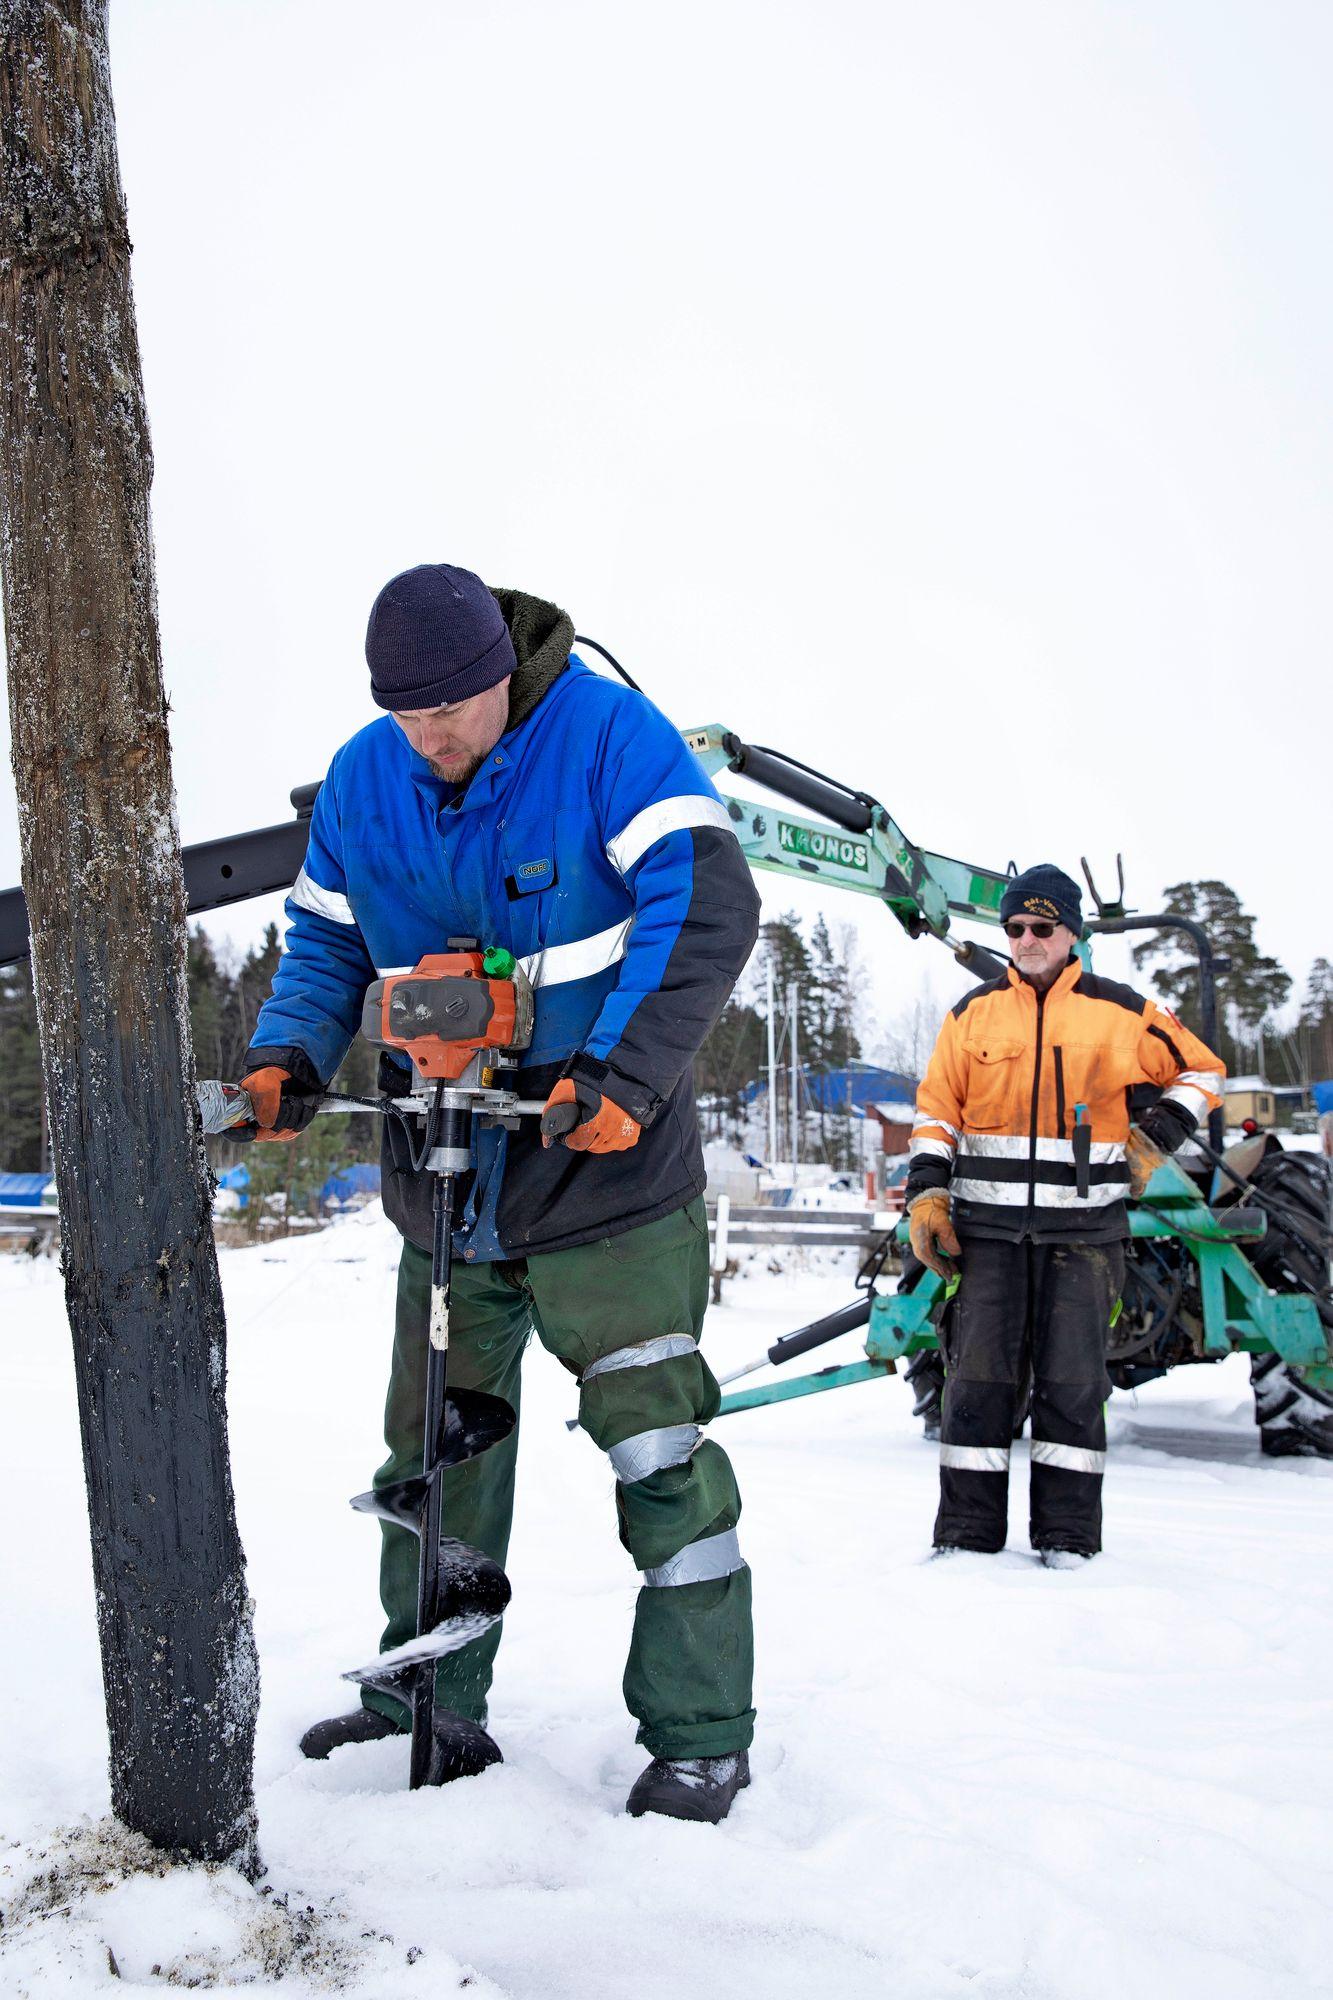 Janne Nordqvist tuli alun perin Tapani Johanssonille töihin palkollisena ja on nyt yksi venesataman osakkaista. Hän vastaa myös Tapanin tyttären Jenny Johanssonin kanssa Stormälön mökkikylästä.